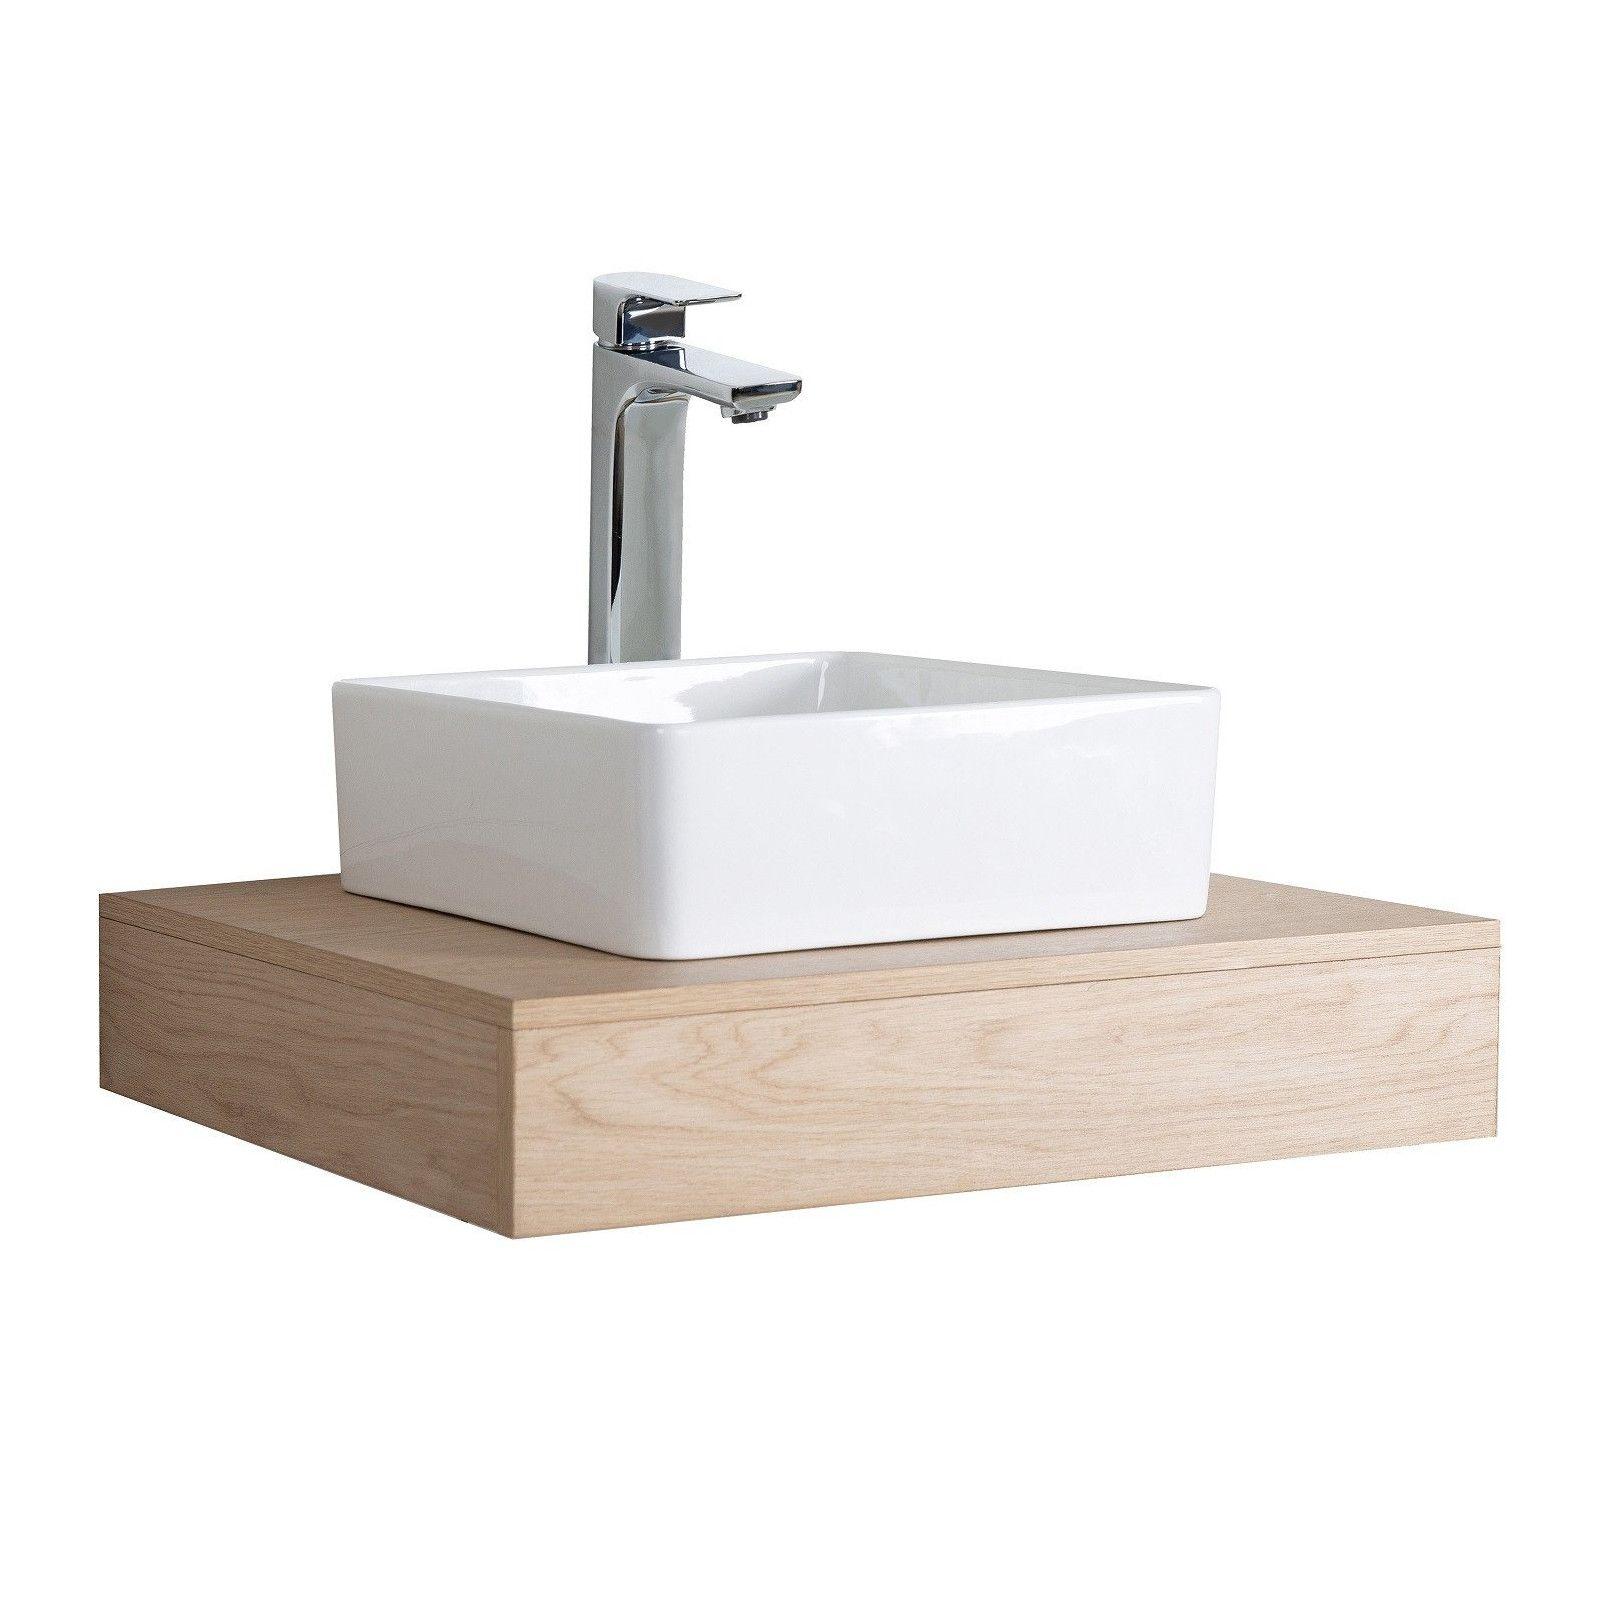 Meuble de Salle de Bain WILL - Plan épais 60 cm + Equerres + Vasque + Miroir